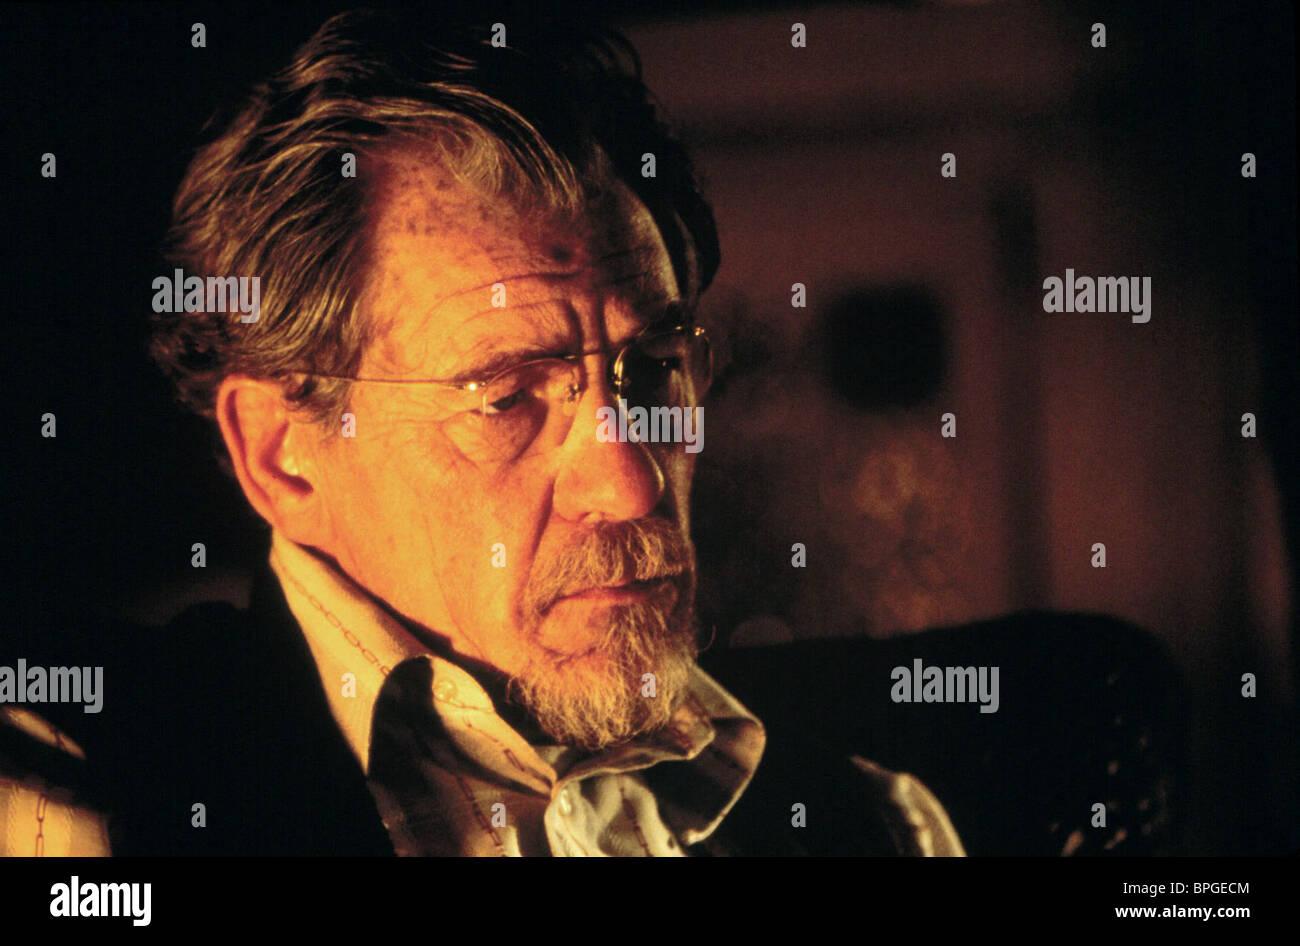 SIR IAN MCKELLEN APT PUPIL (1998) - Stock Image